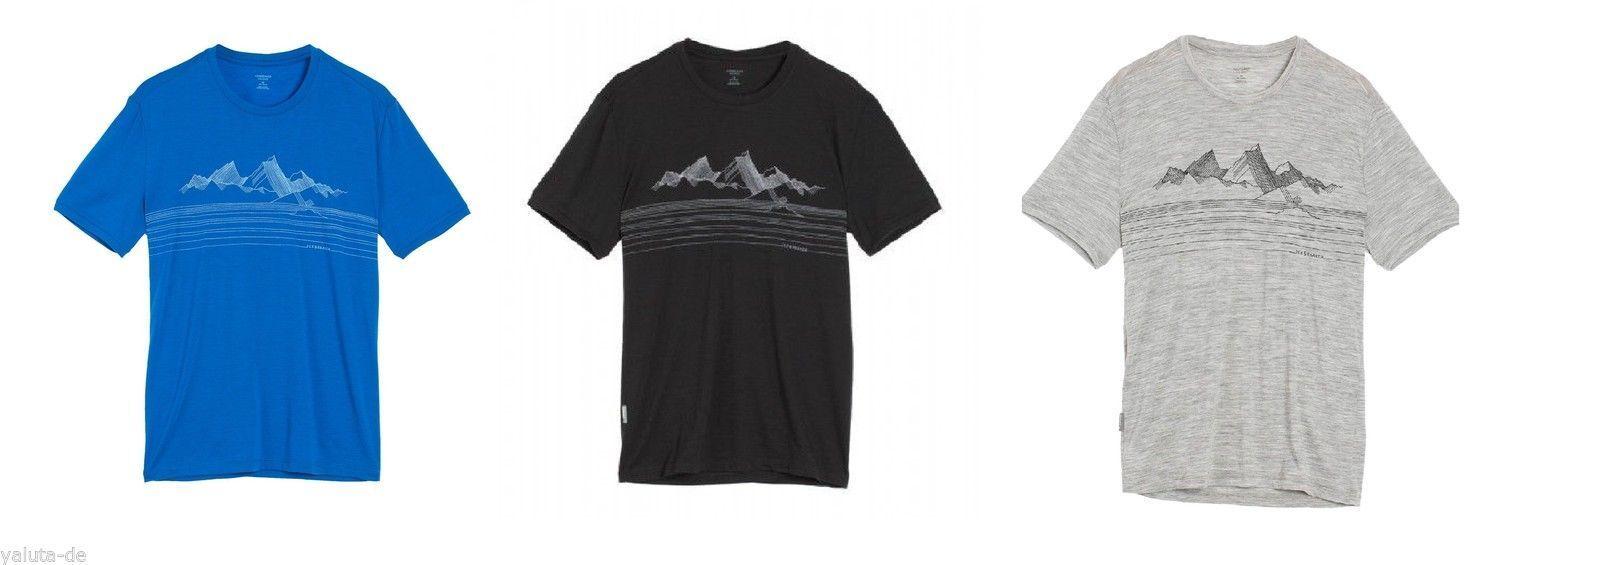 Icebreaker Herren Shirt Appro Merino Merino Merino Wolle kühlt, leicht, angenehm, riecht nicht 176a3a